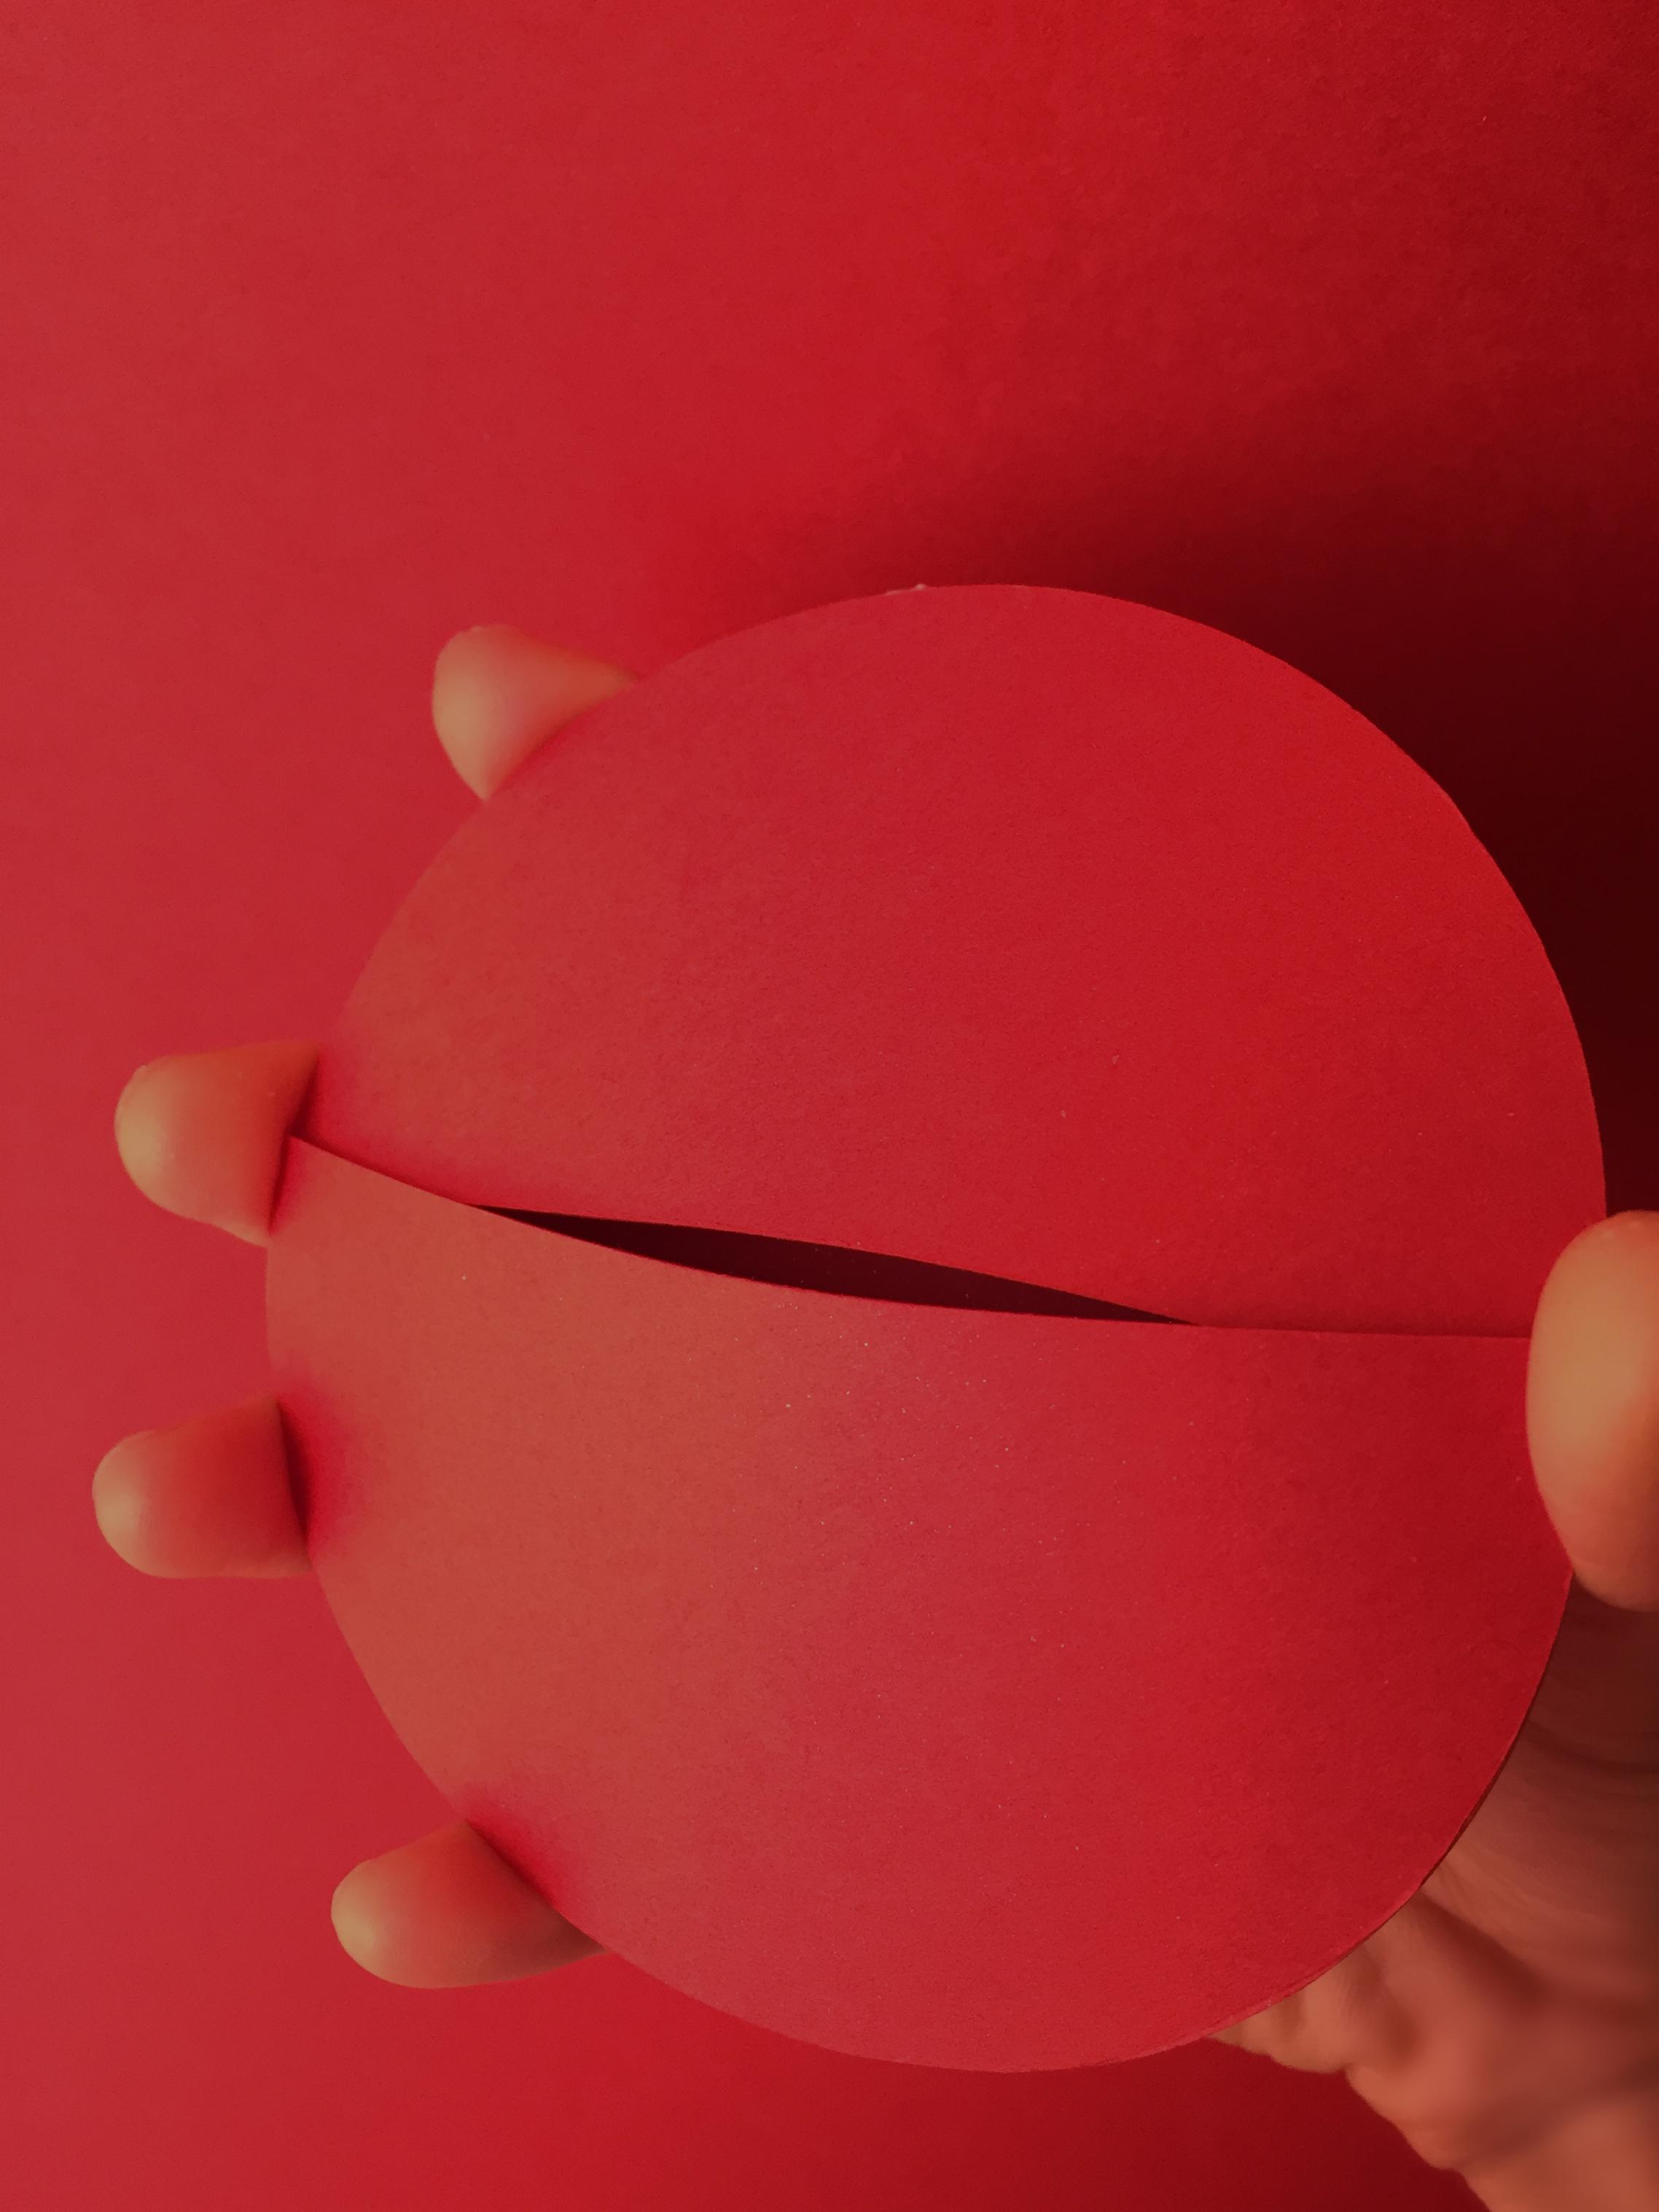 Red Pocket_Shel Han_2.jpg